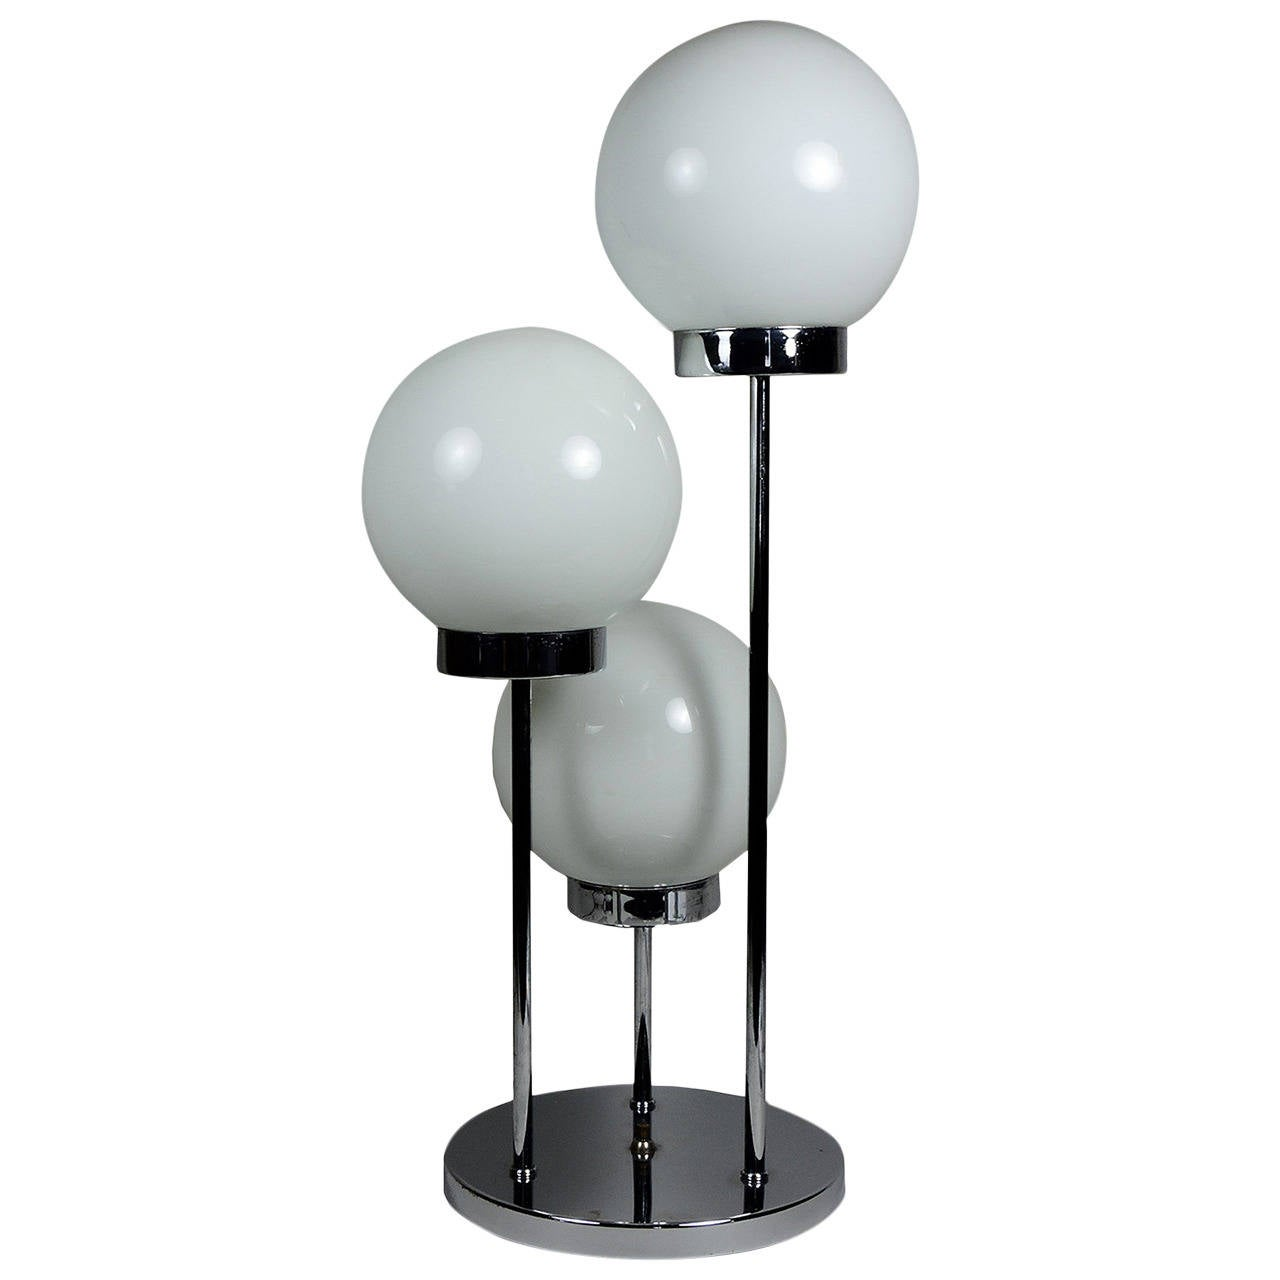 Mid century modern brass table lamps - Mid Century Modern Italian Three Globe Table Lamp 1